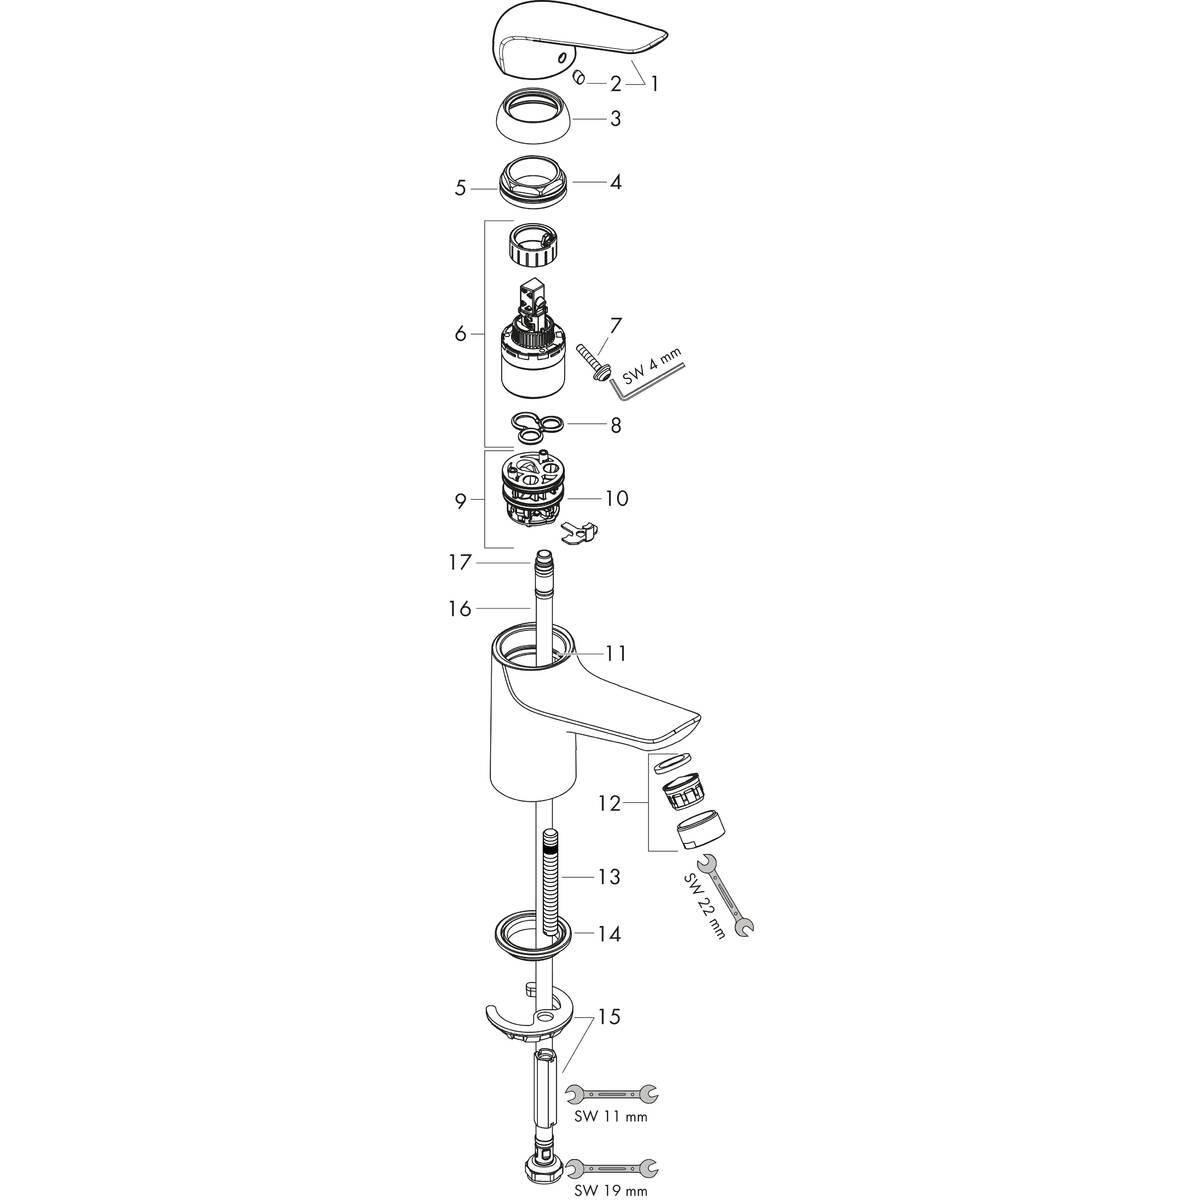 Novus Mitigeurs de lavabo: chromé, N° article 71050000